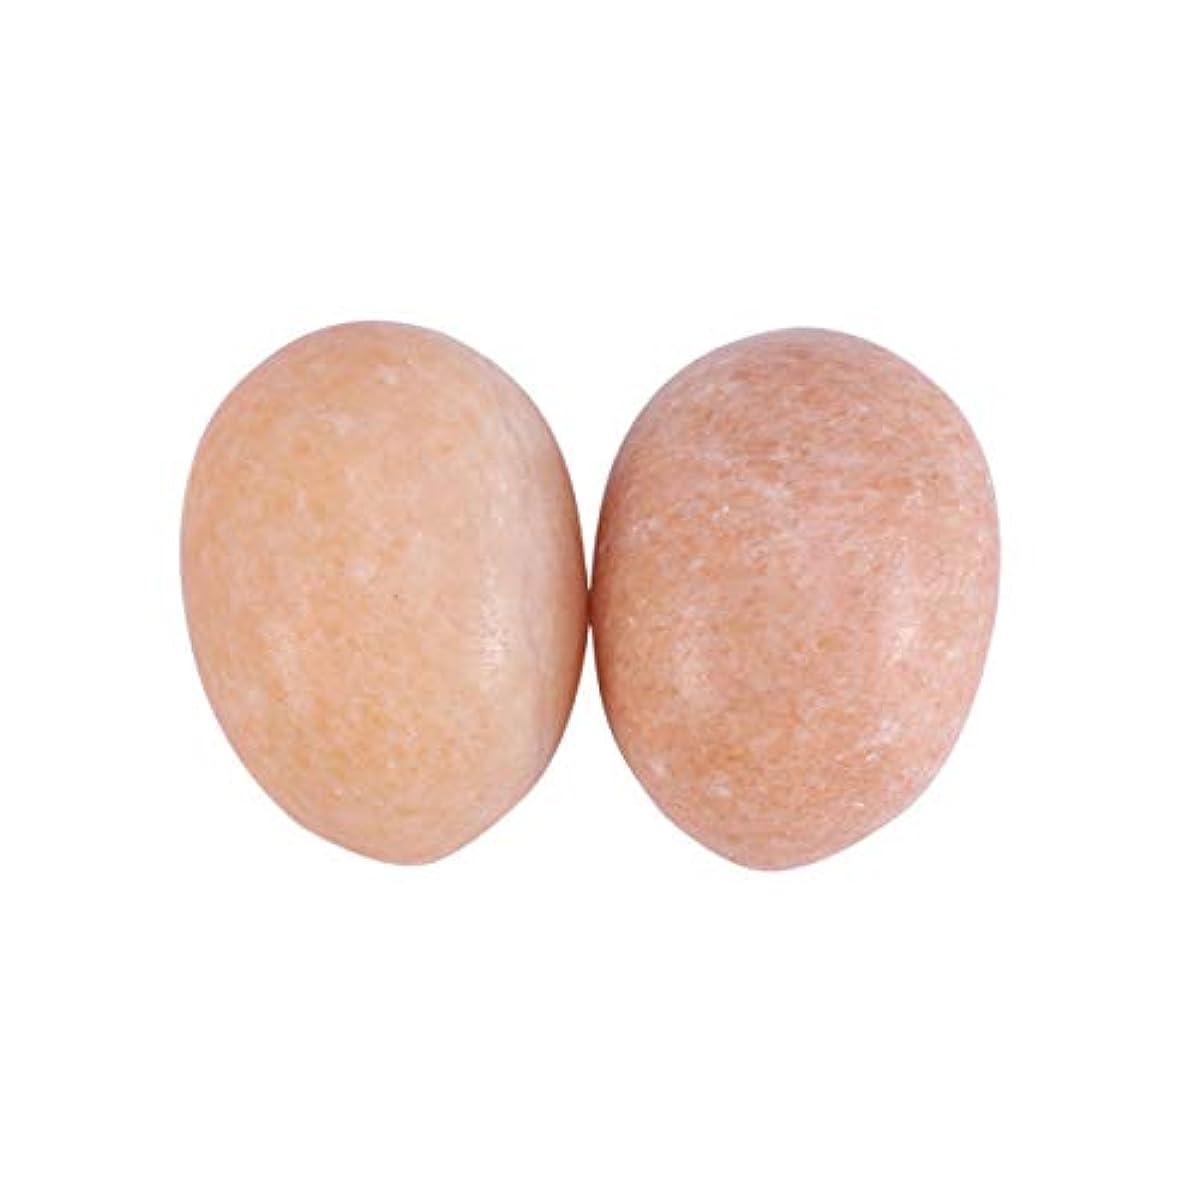 吐き出すれるバーベキューHealifty 6PCS玉ヨニ卵マッサージ癒しの石のケゲル運動骨盤底筋運動(日没赤)